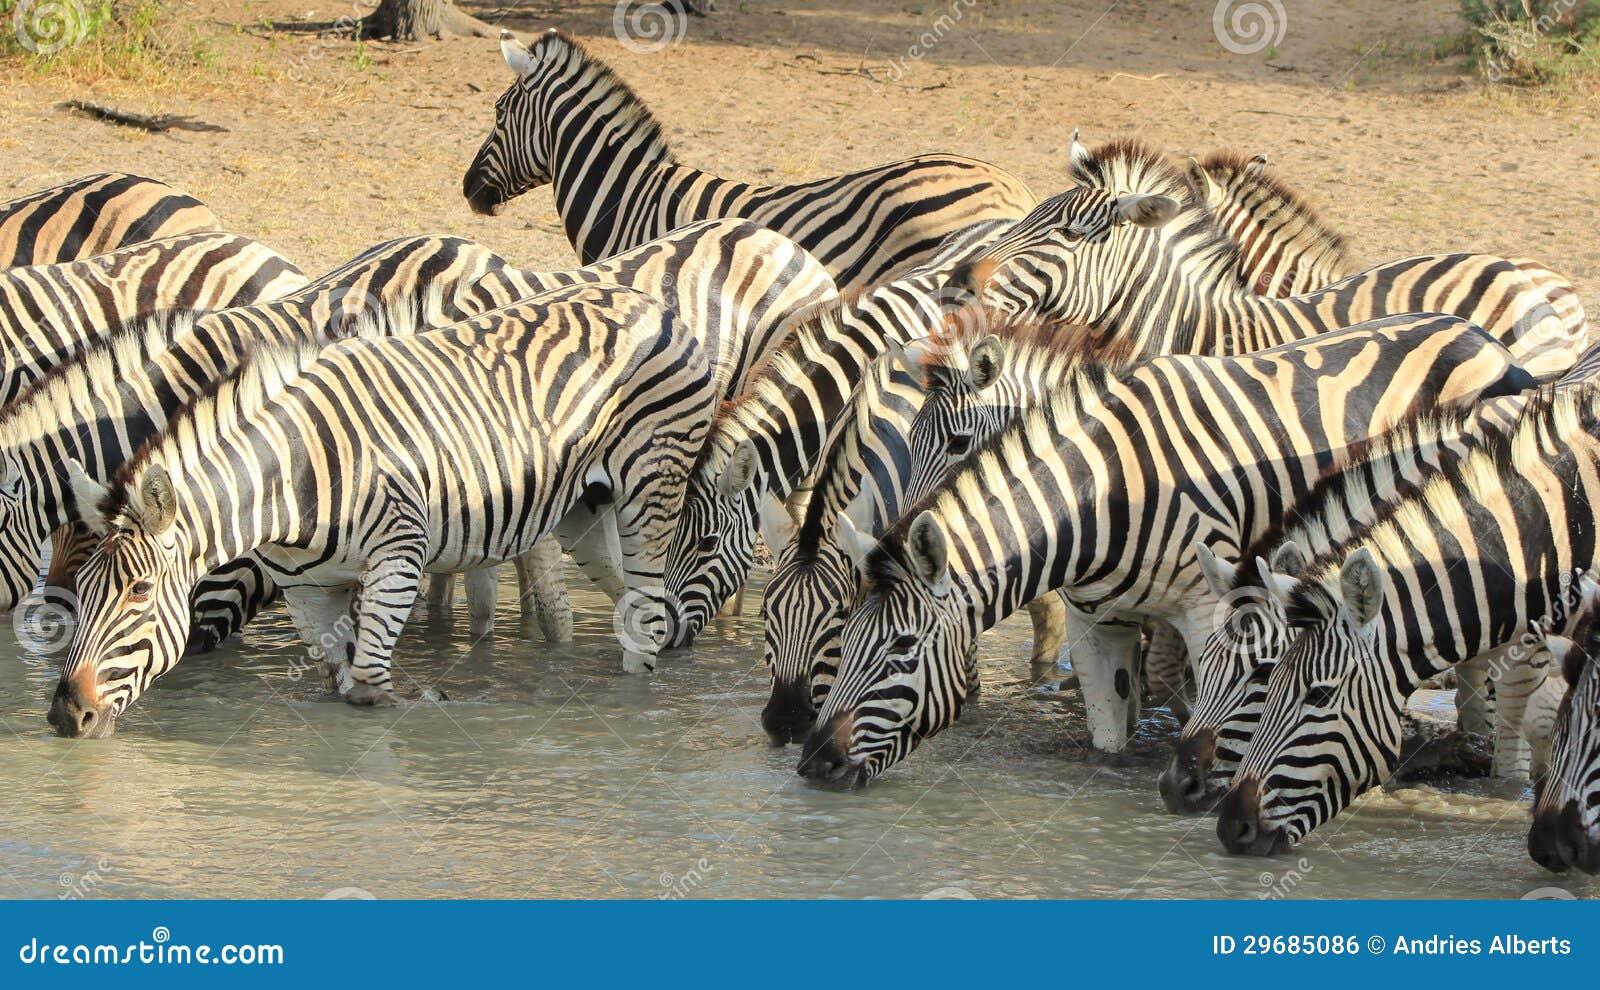 Αφρικανική άγρια φύση - ζέβρα, ριγωτή οικογενειακή φωτογραφία